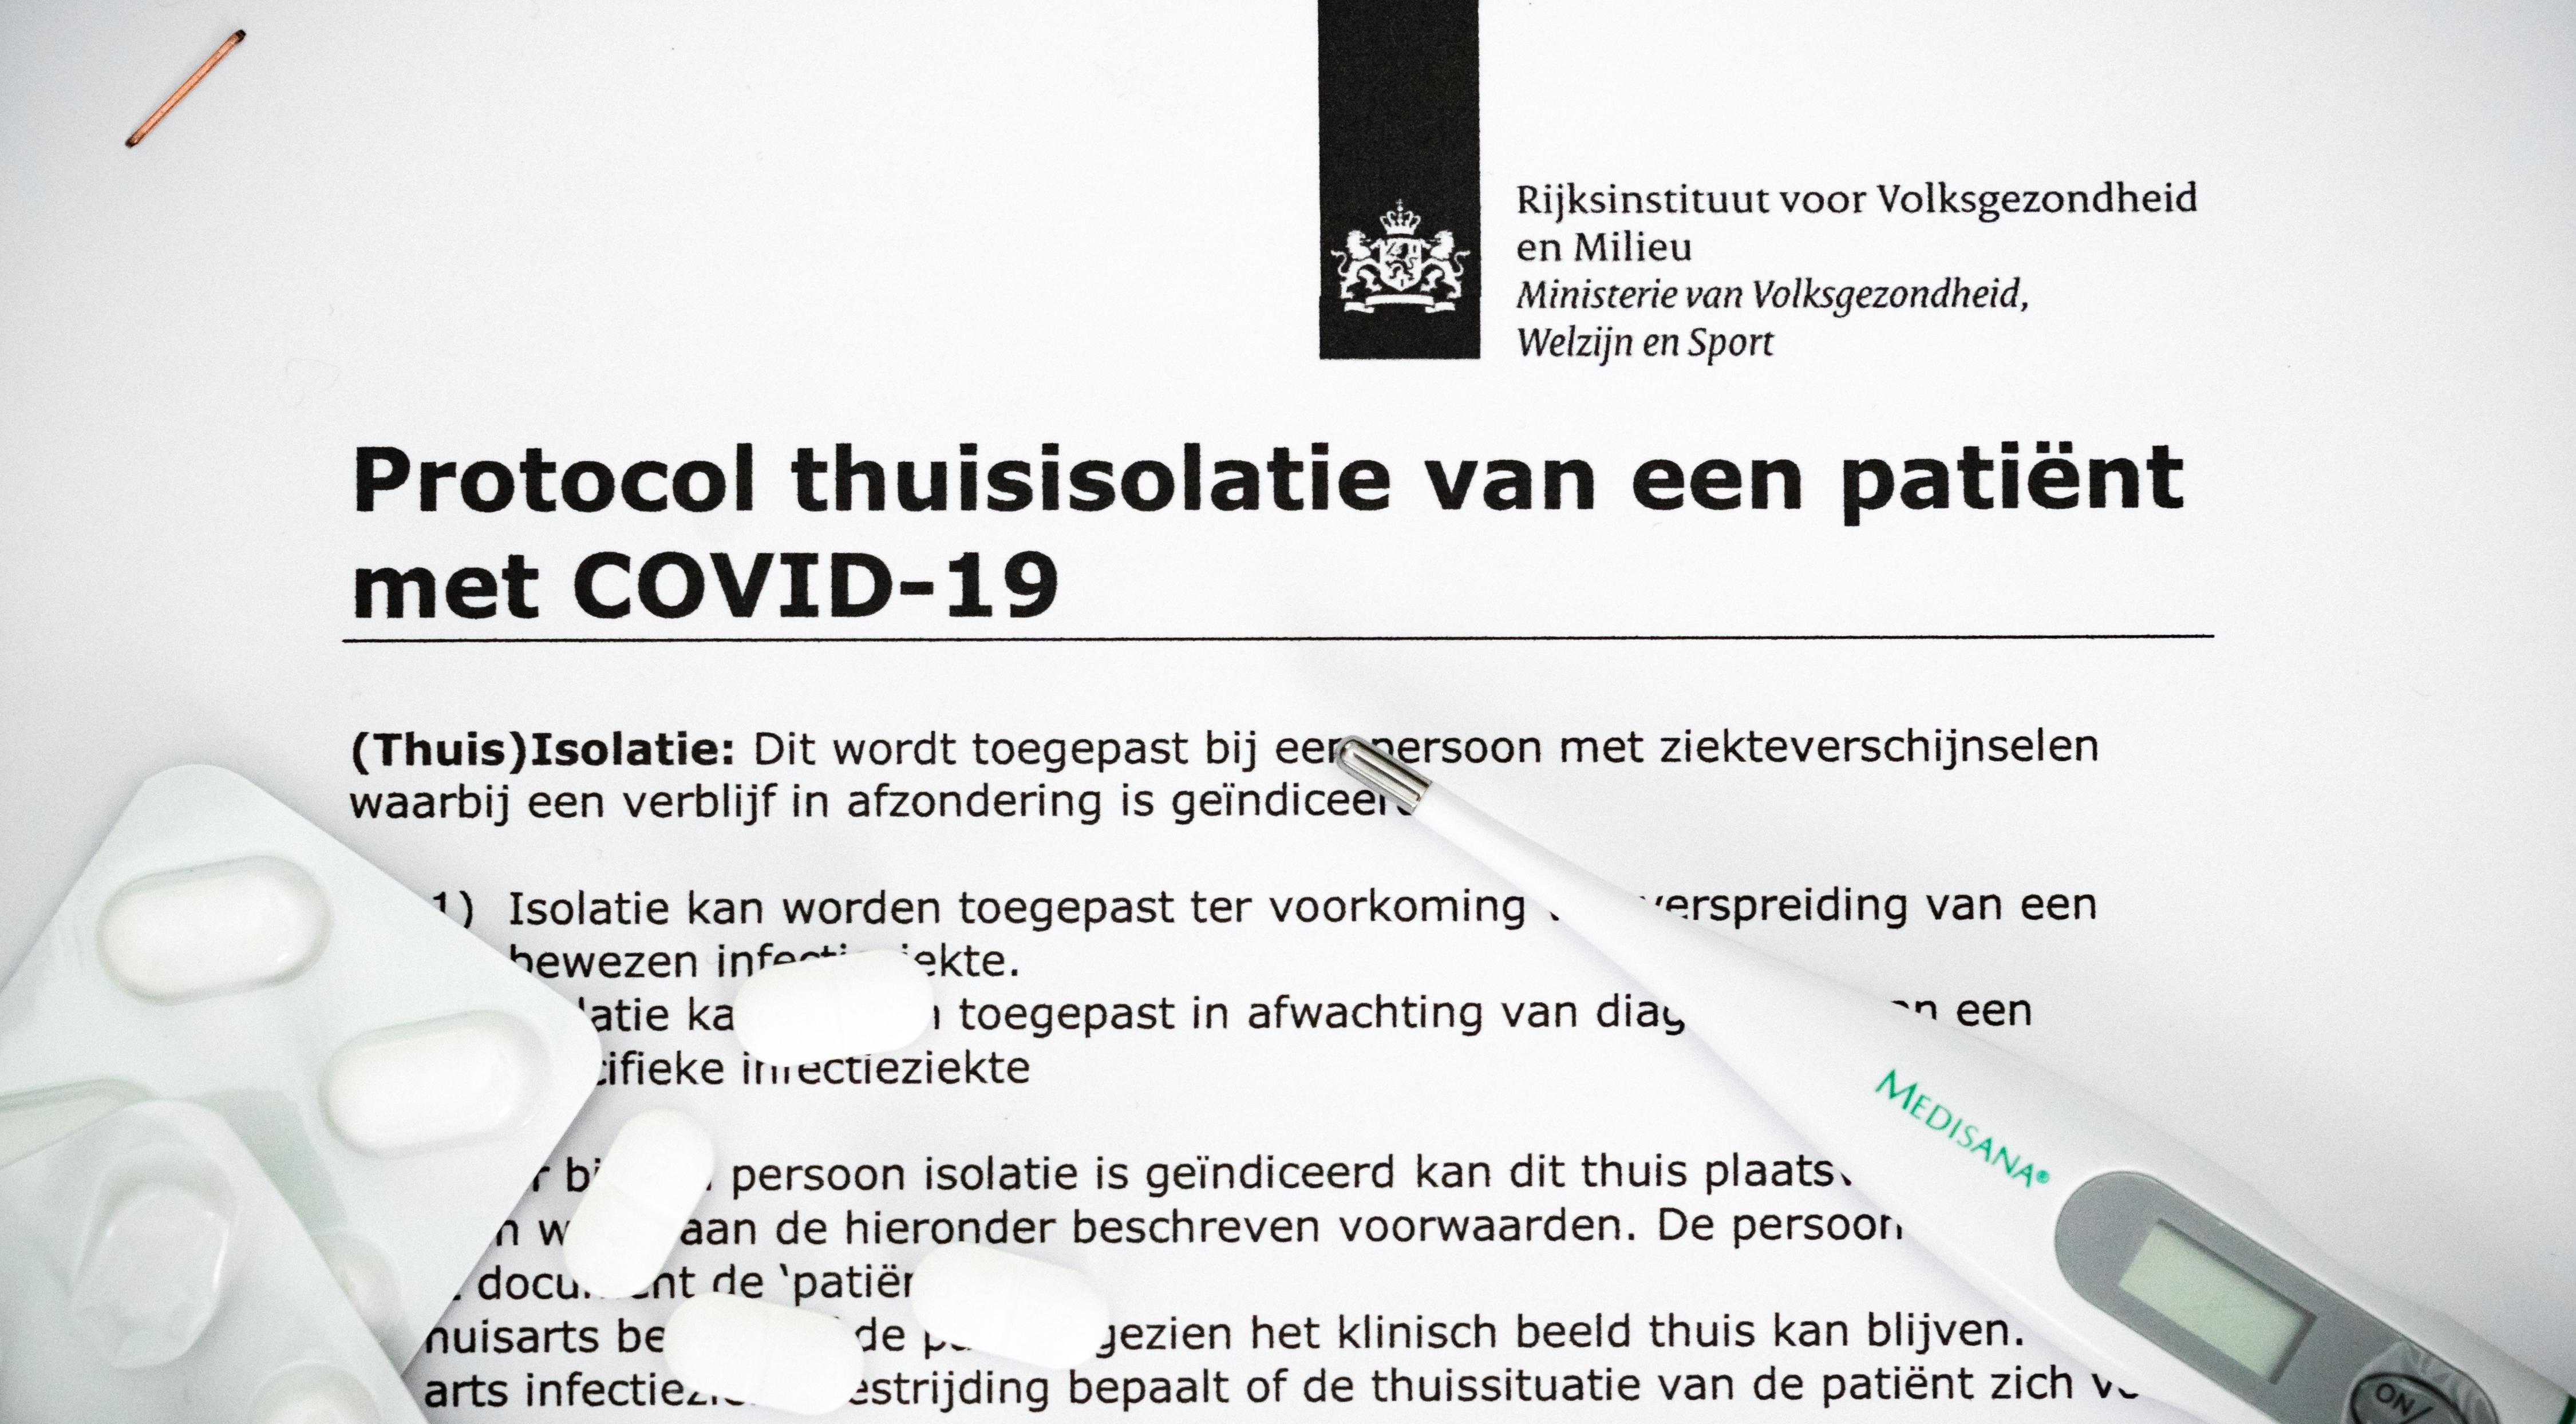 Flinke stijging coronabesmettingen in Haarlemmermeer, overige gemeenten dalen